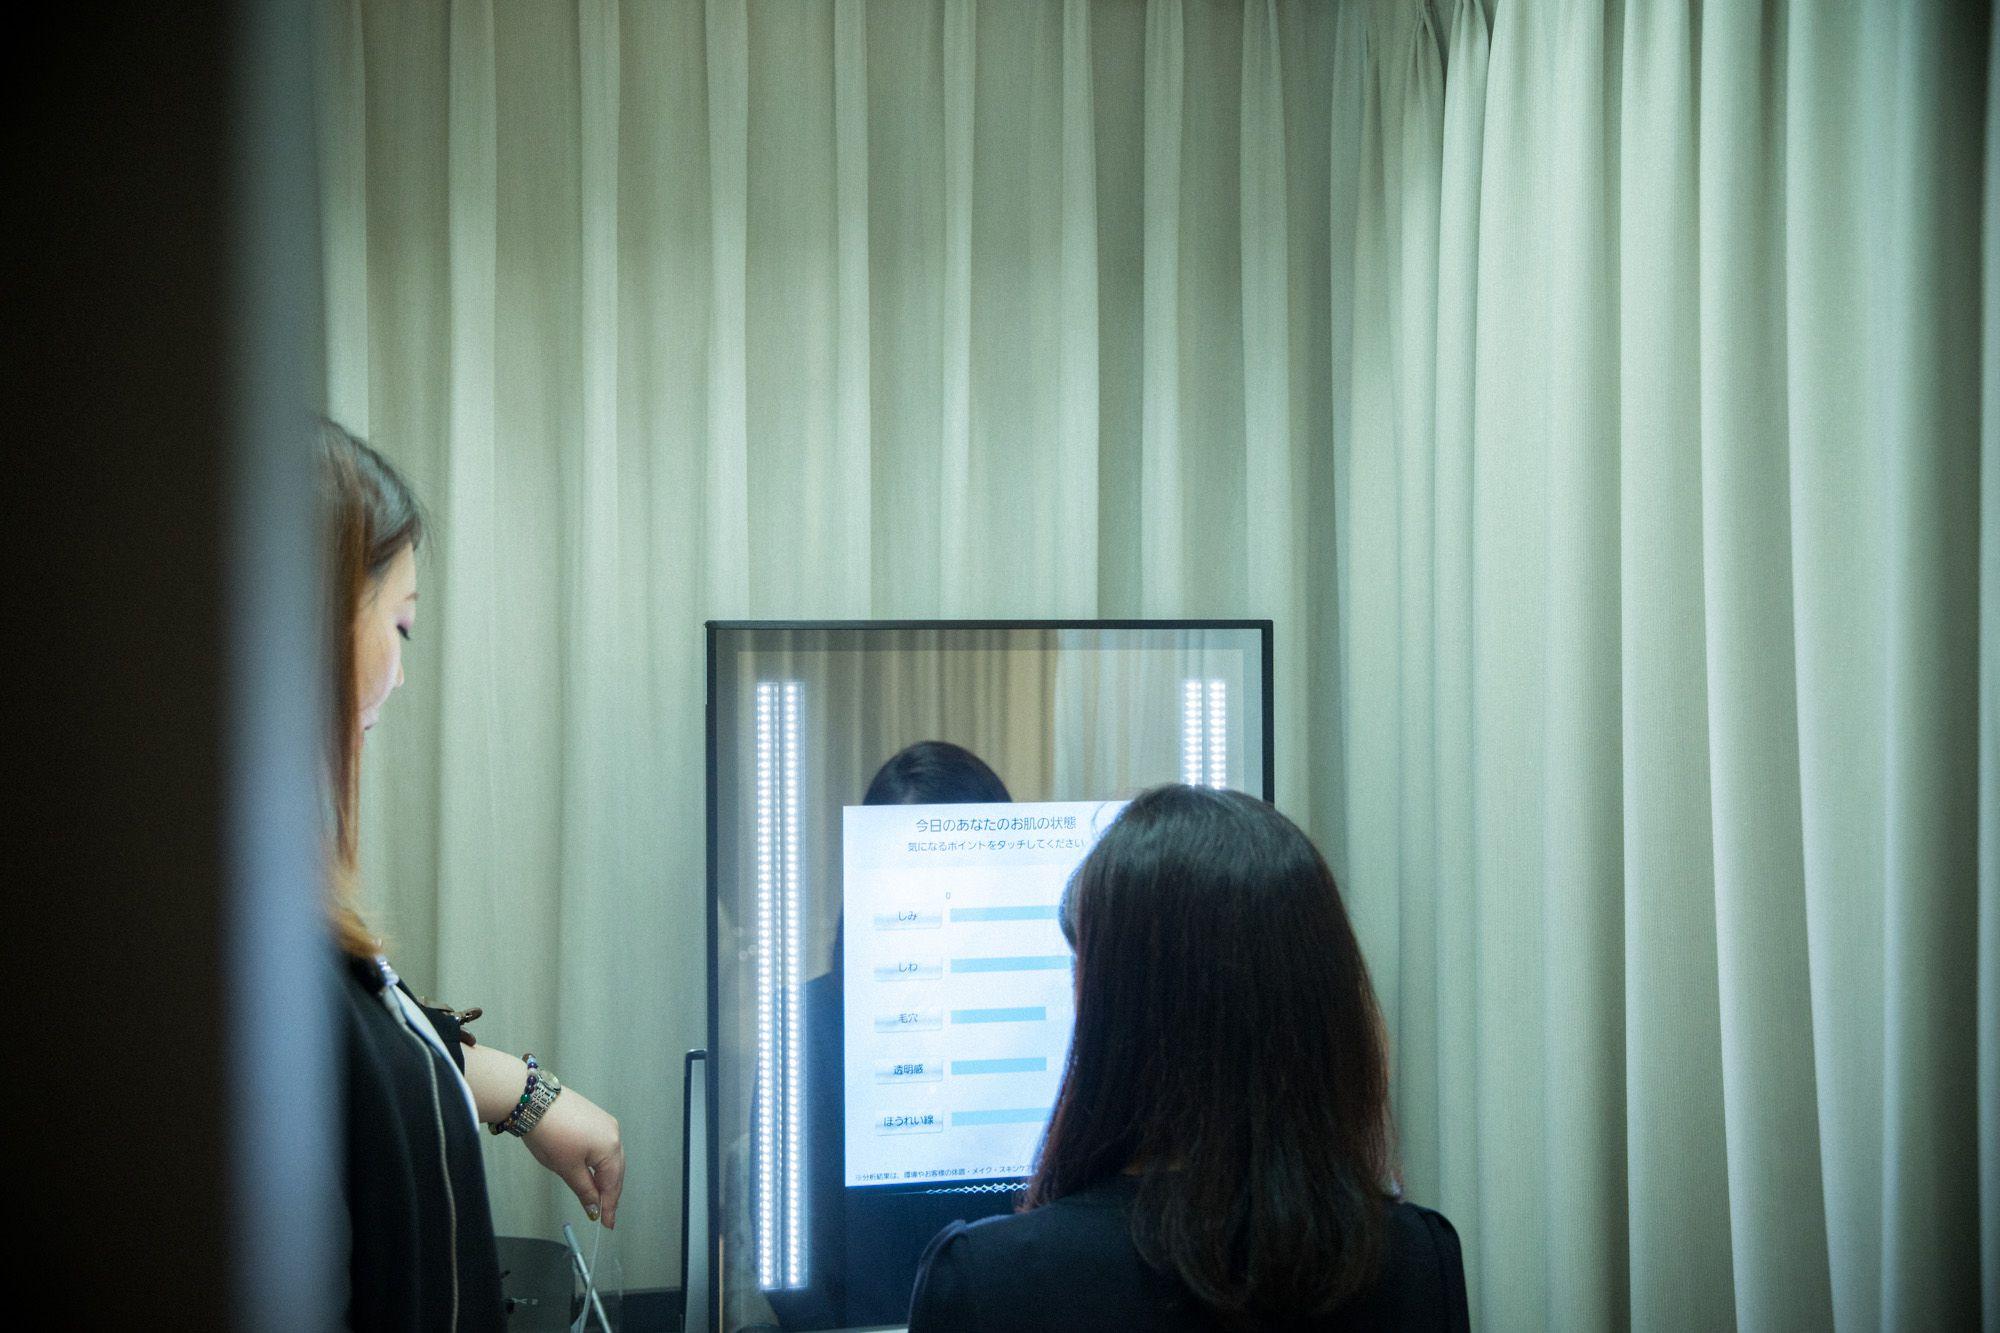 鏡に向かって撮影するだけで肌の状態をチェックできる「スノービューティミラー」はまさに魔法の鏡。1階にも設置されており、希望者はいつでも使用できる。